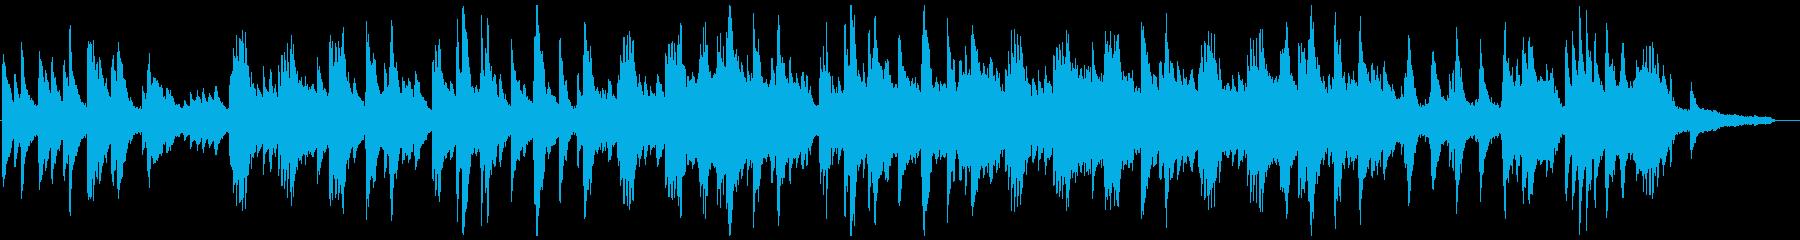 切ないピアノの感動バラードの再生済みの波形